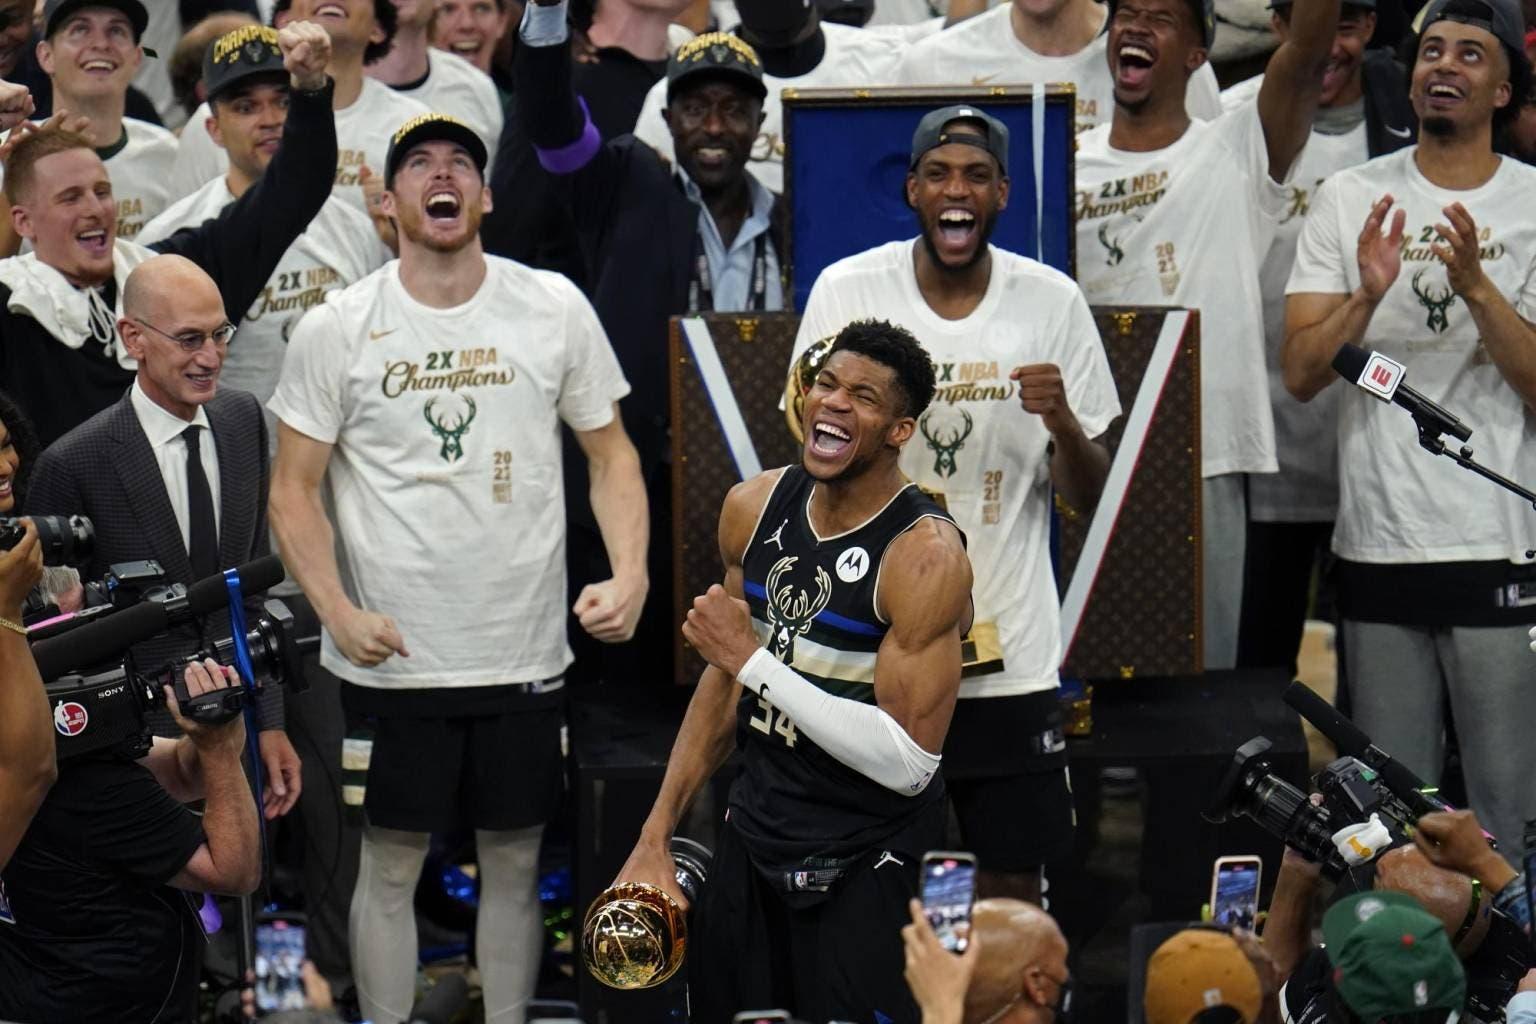 Tres heridos de bala en festejos de los campeones de la NBA